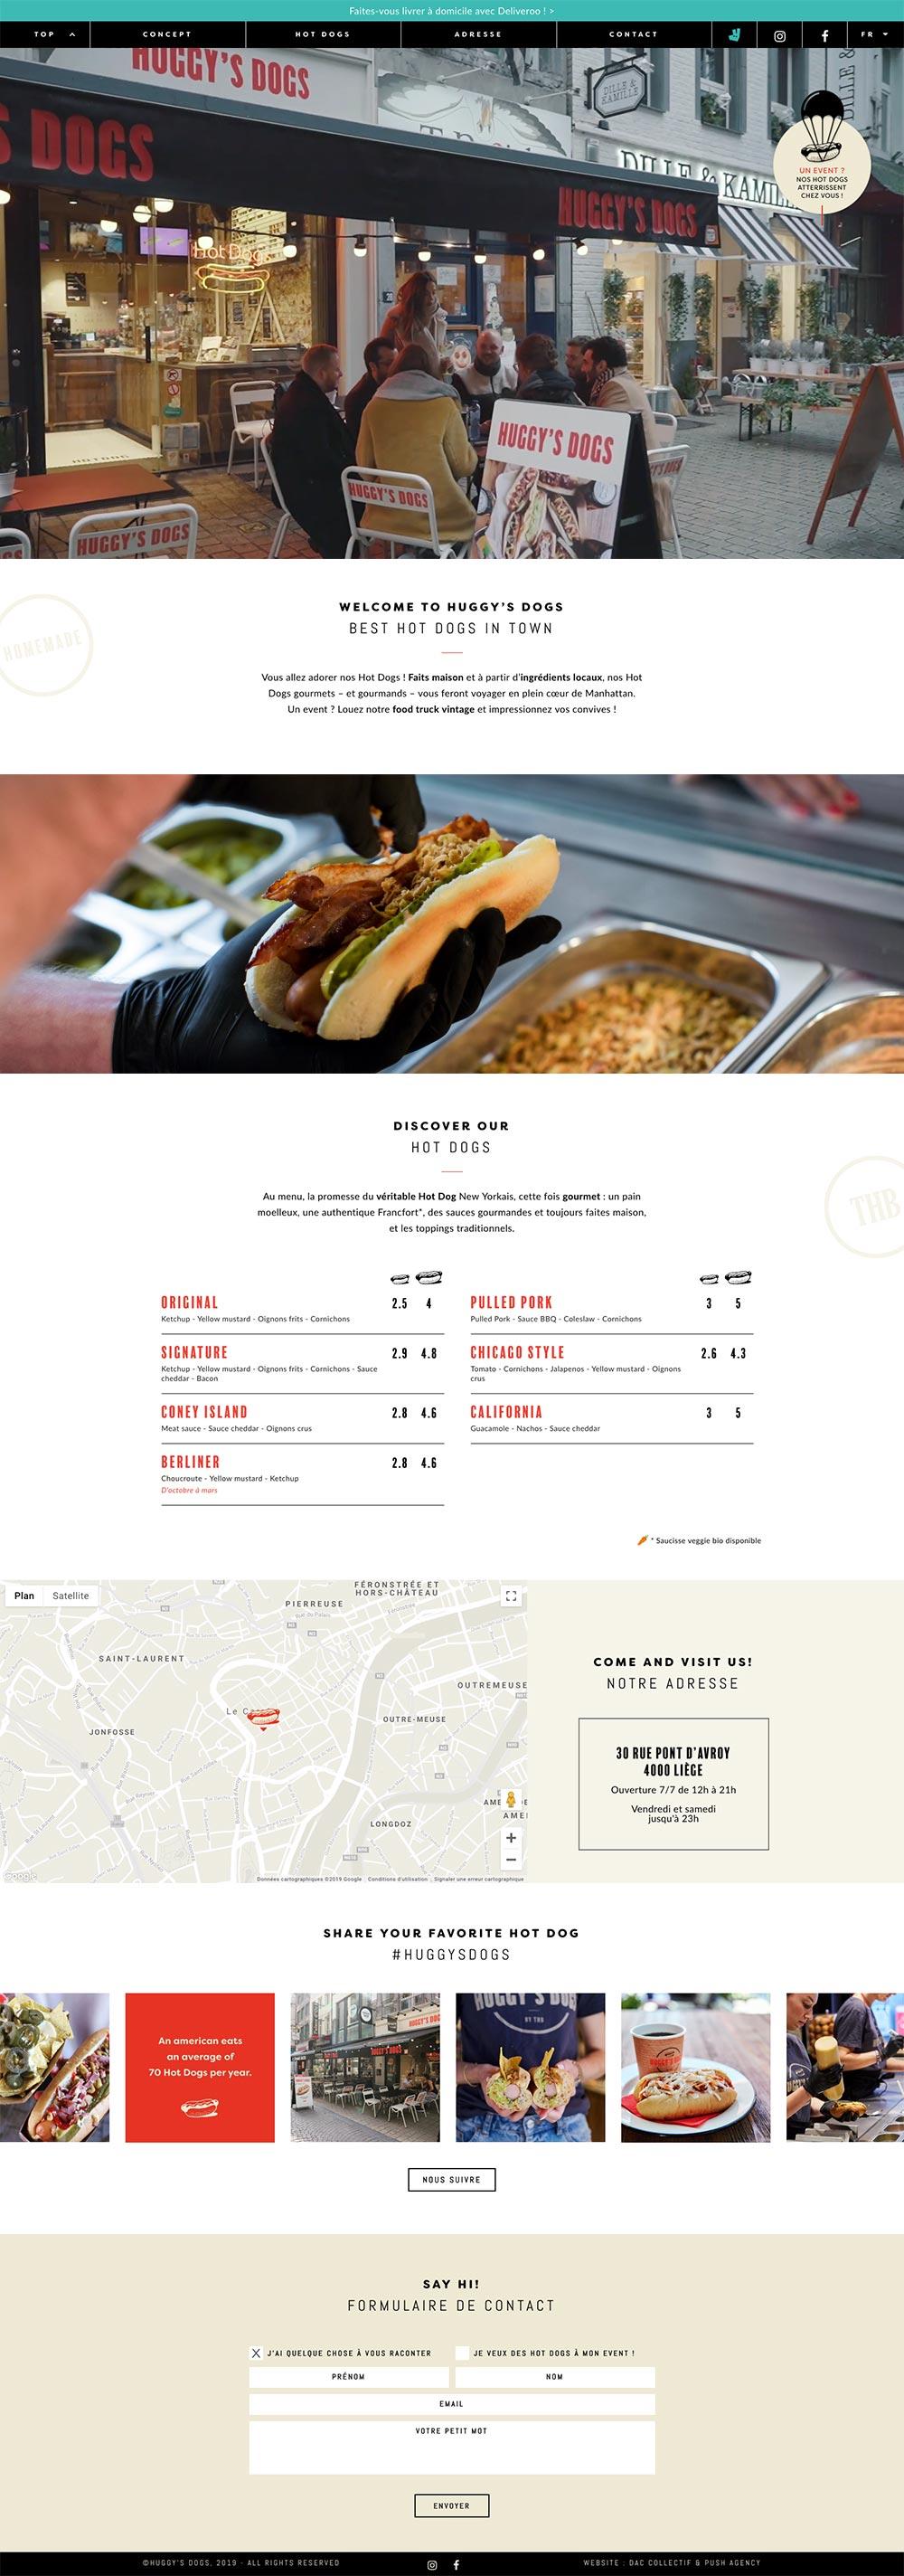 Capture d'écran de la page d'accueil du site internet de The Huggy's Dogs